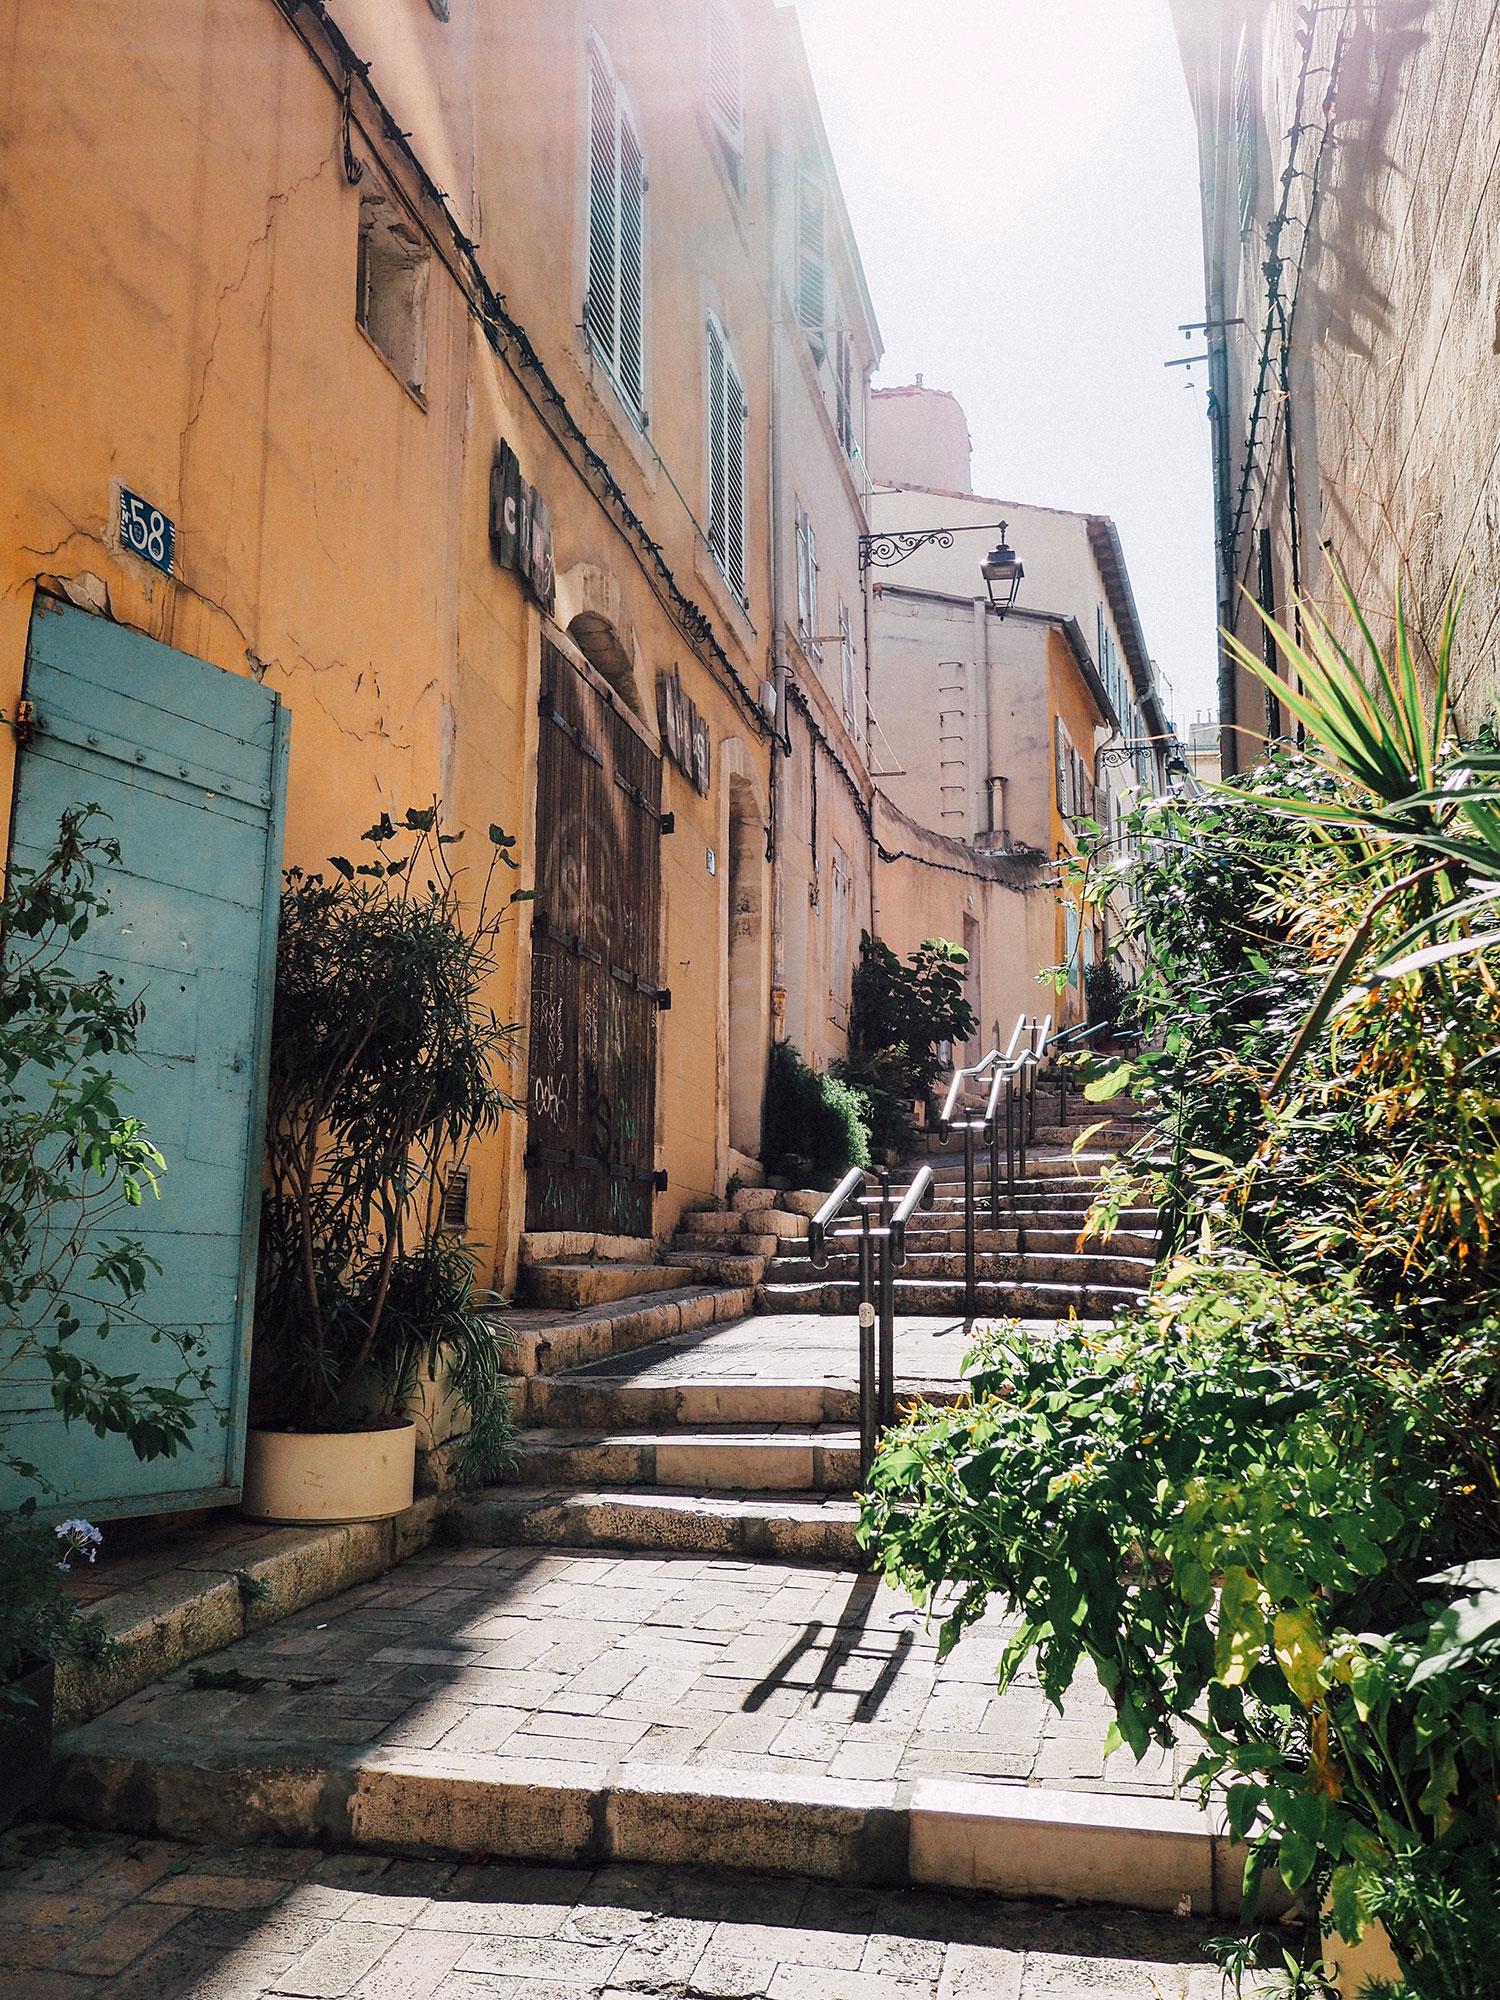 le panier week end Marseille que voir que faire bonnes adresses blog voyage Lili in Wonderland